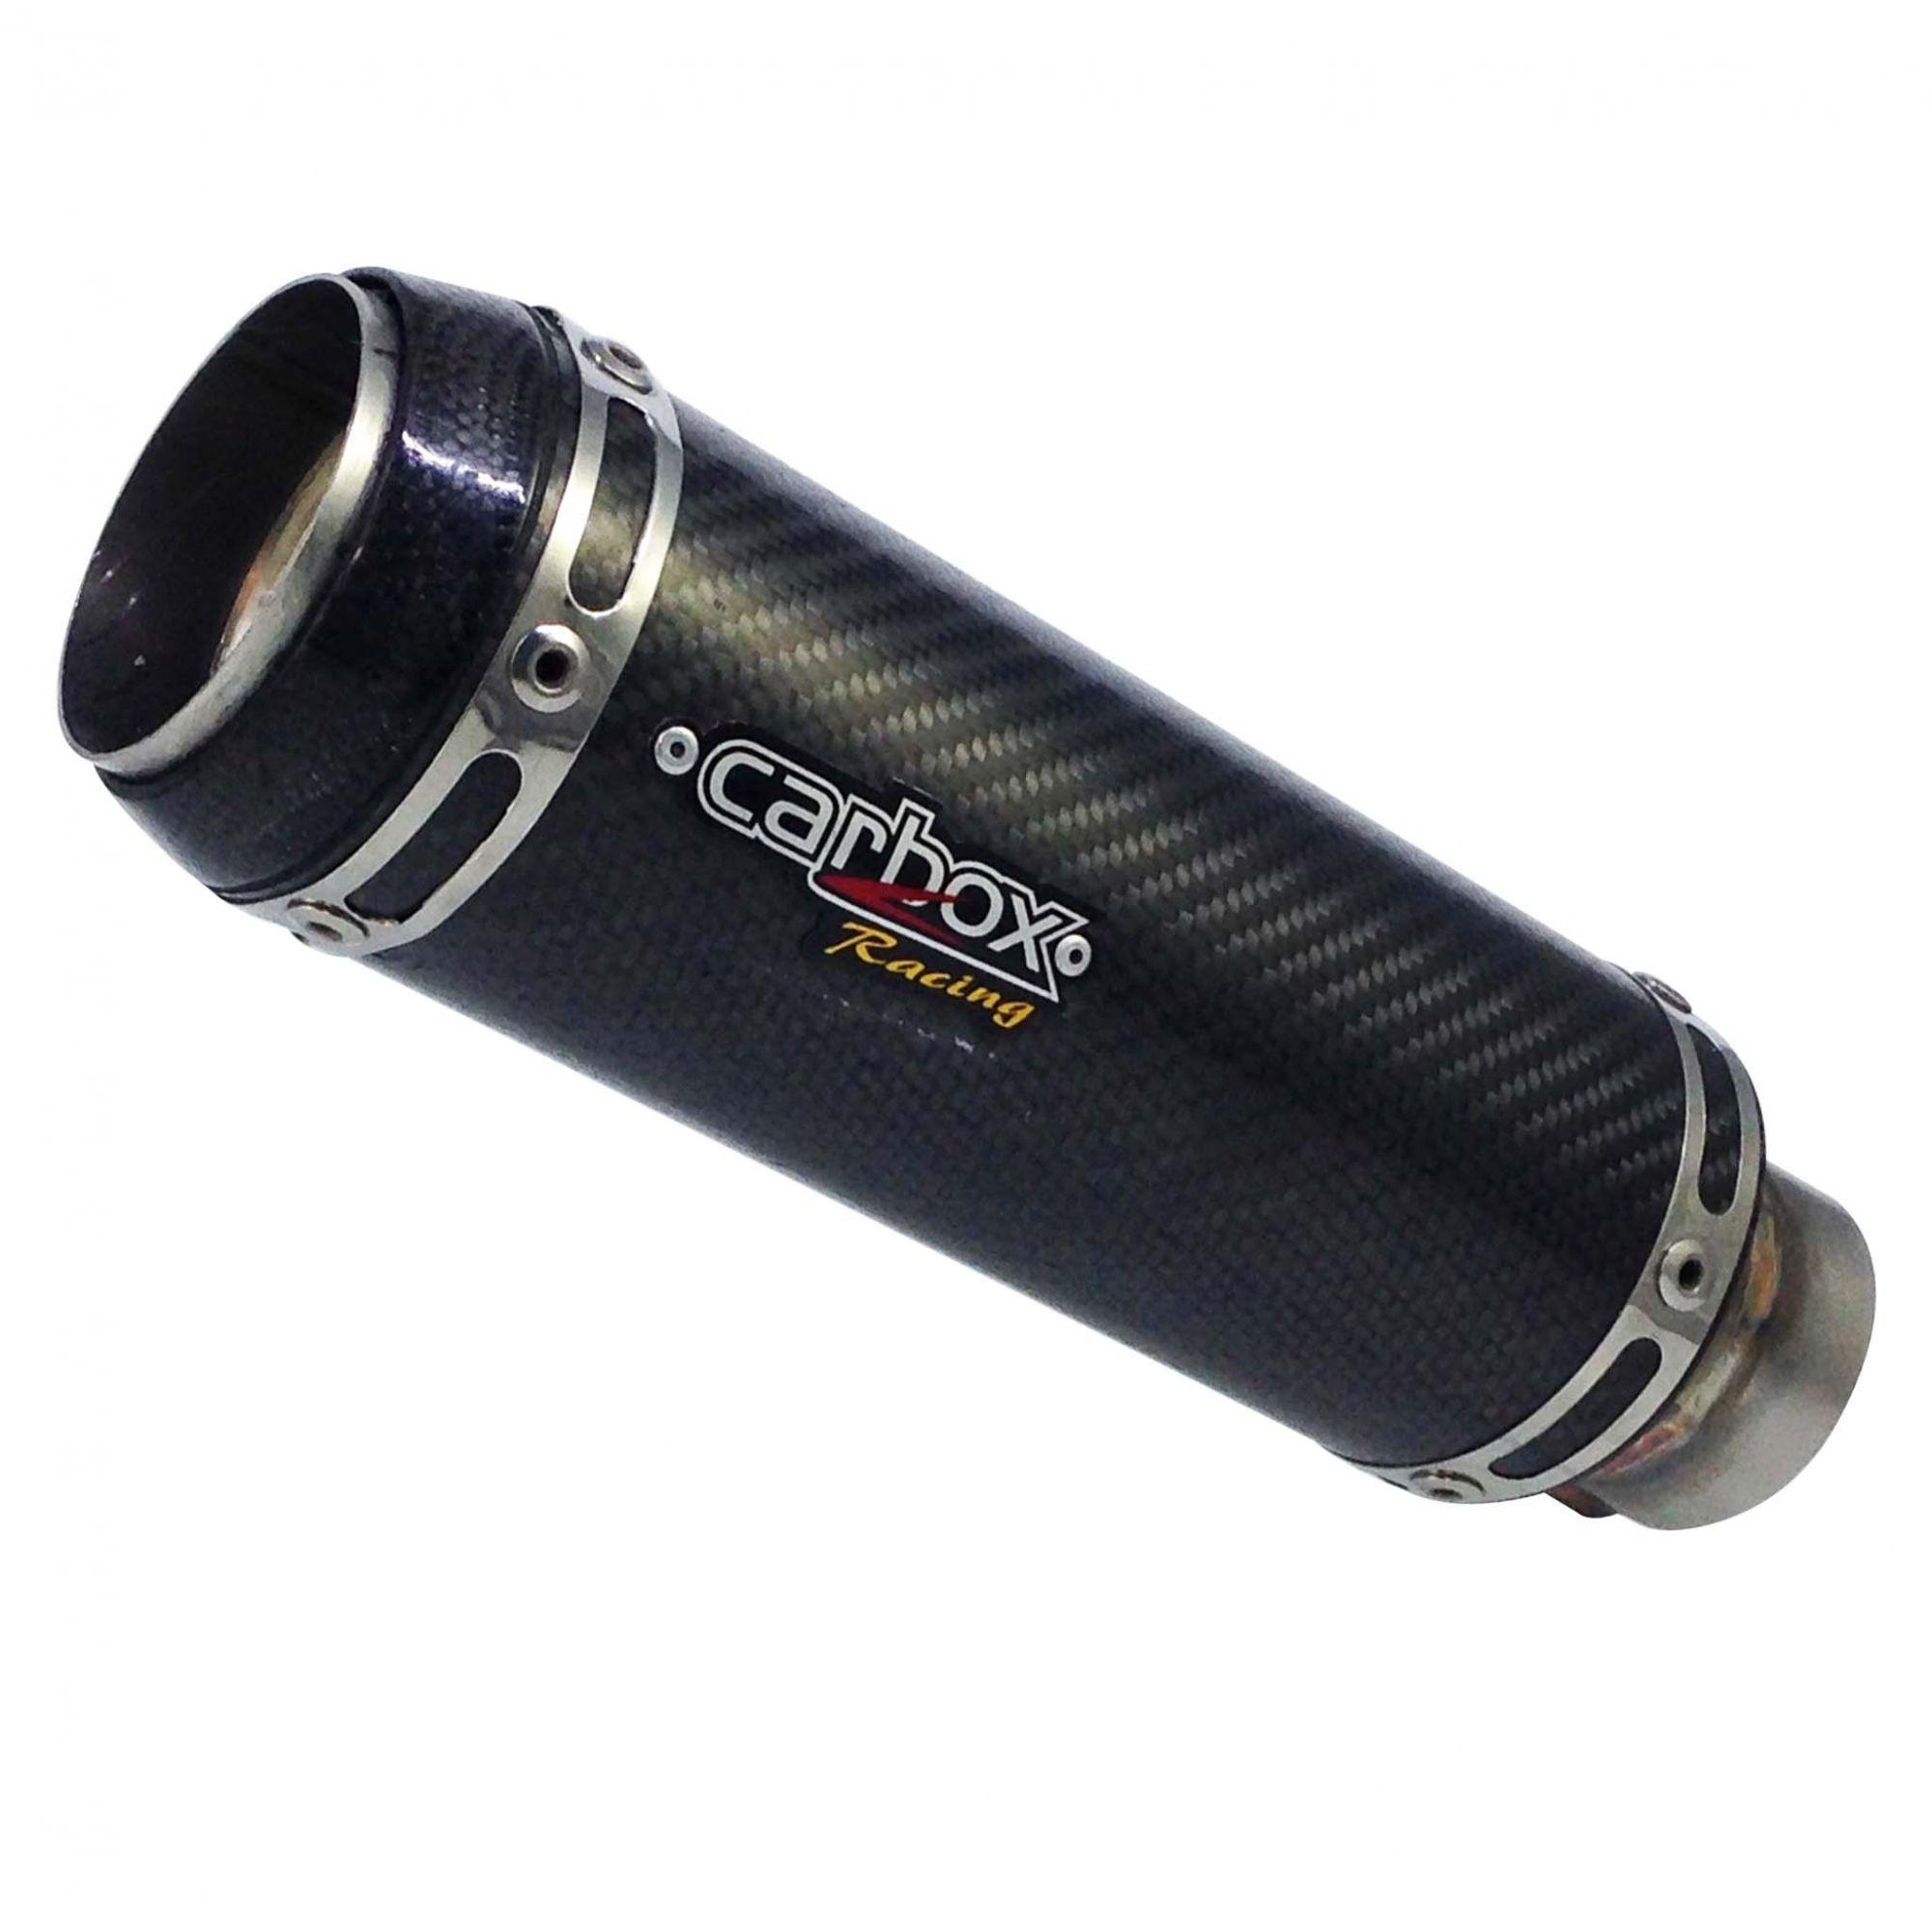 Ponteira Escape Full 4x2x1 Gp Tech Carbon - Bmw S1000rr